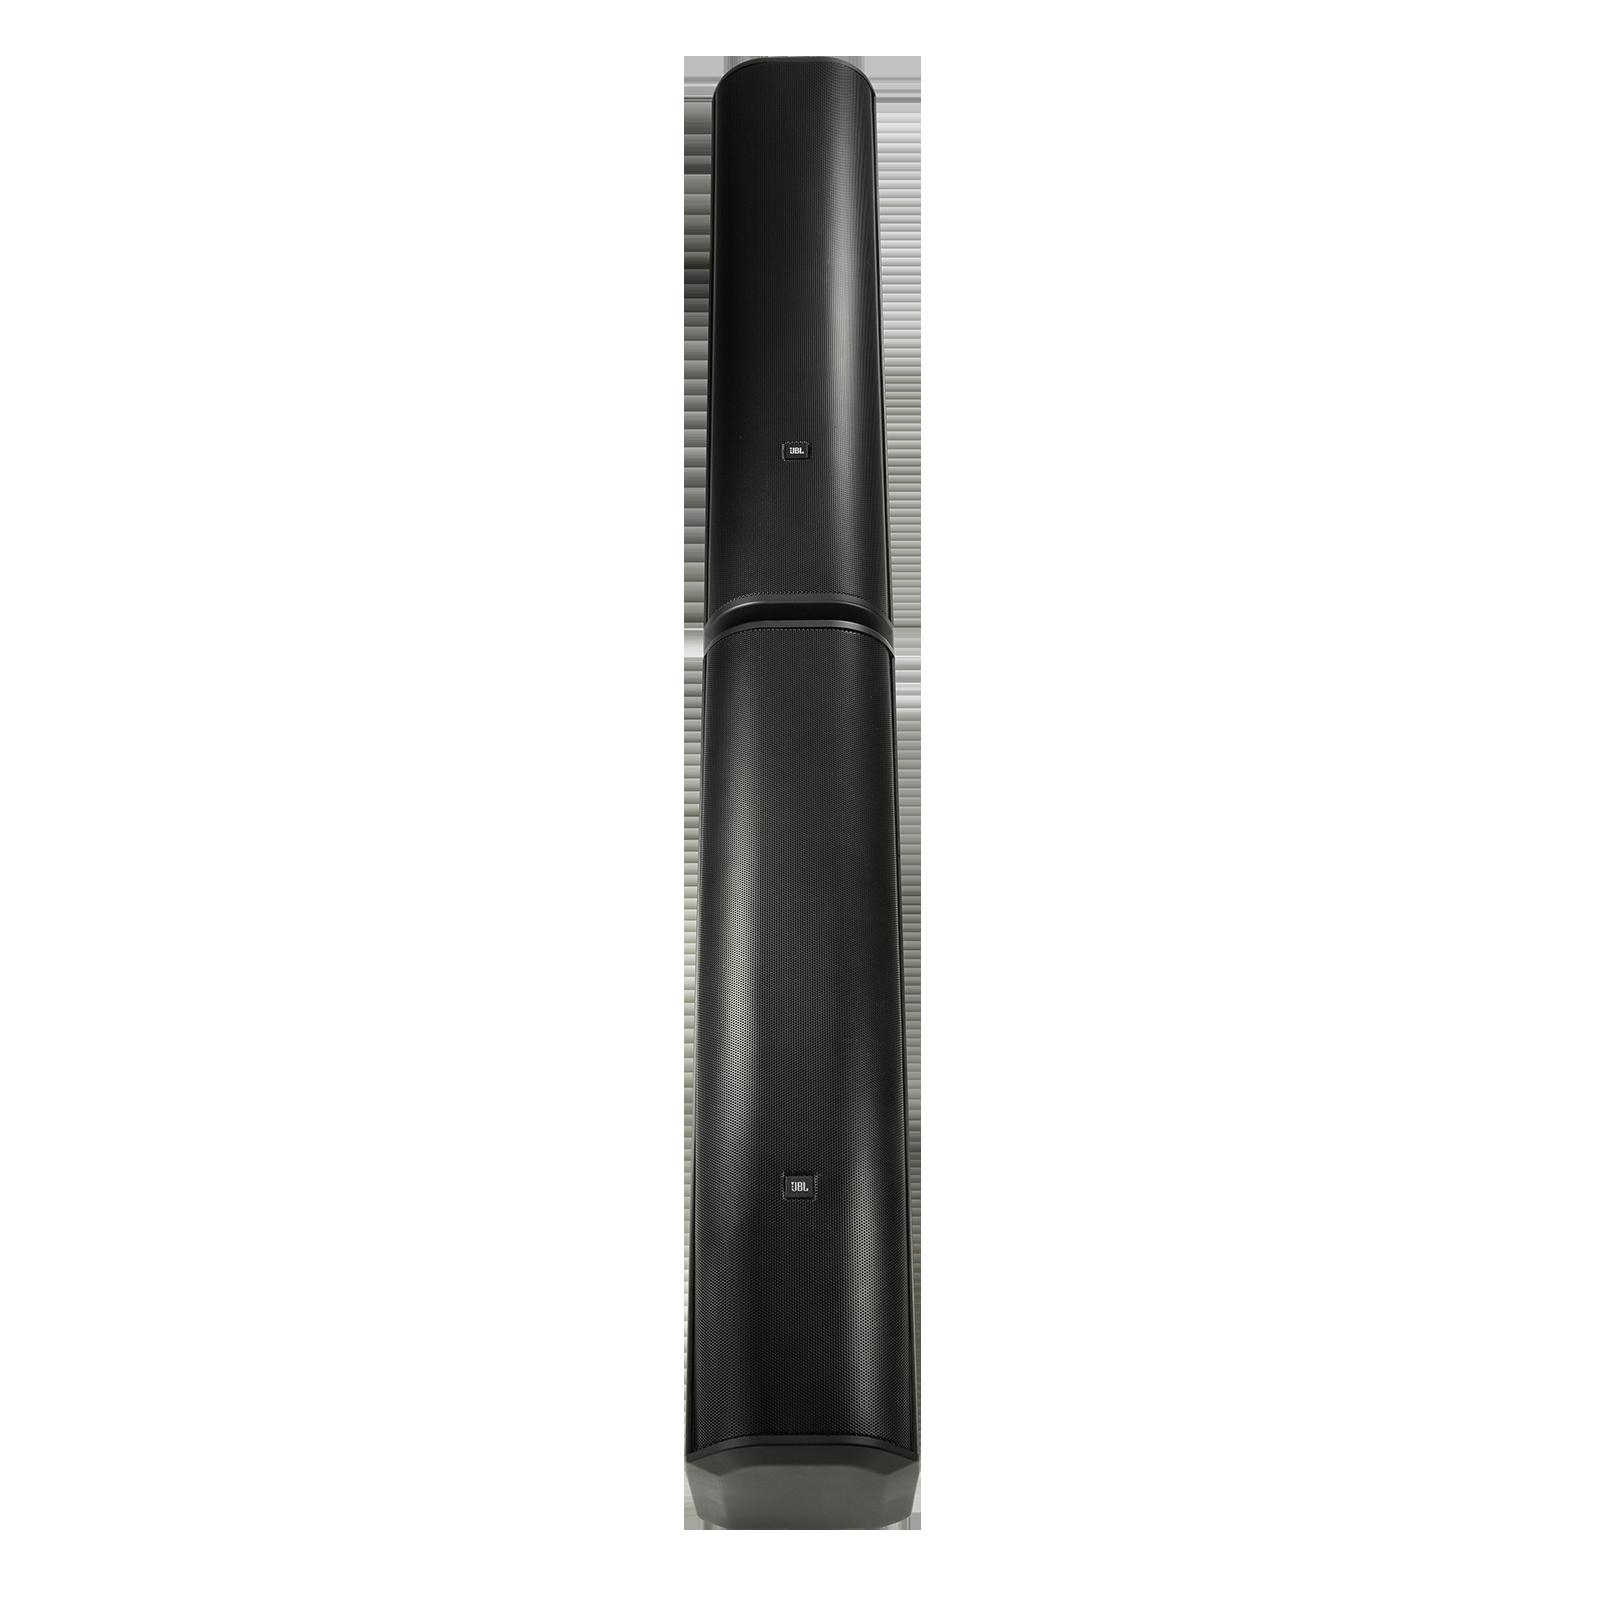 JBL CBT 70JE-1 - Black - Extension for CBT 70J-1 Line Array Column Speaker - Detailshot 5